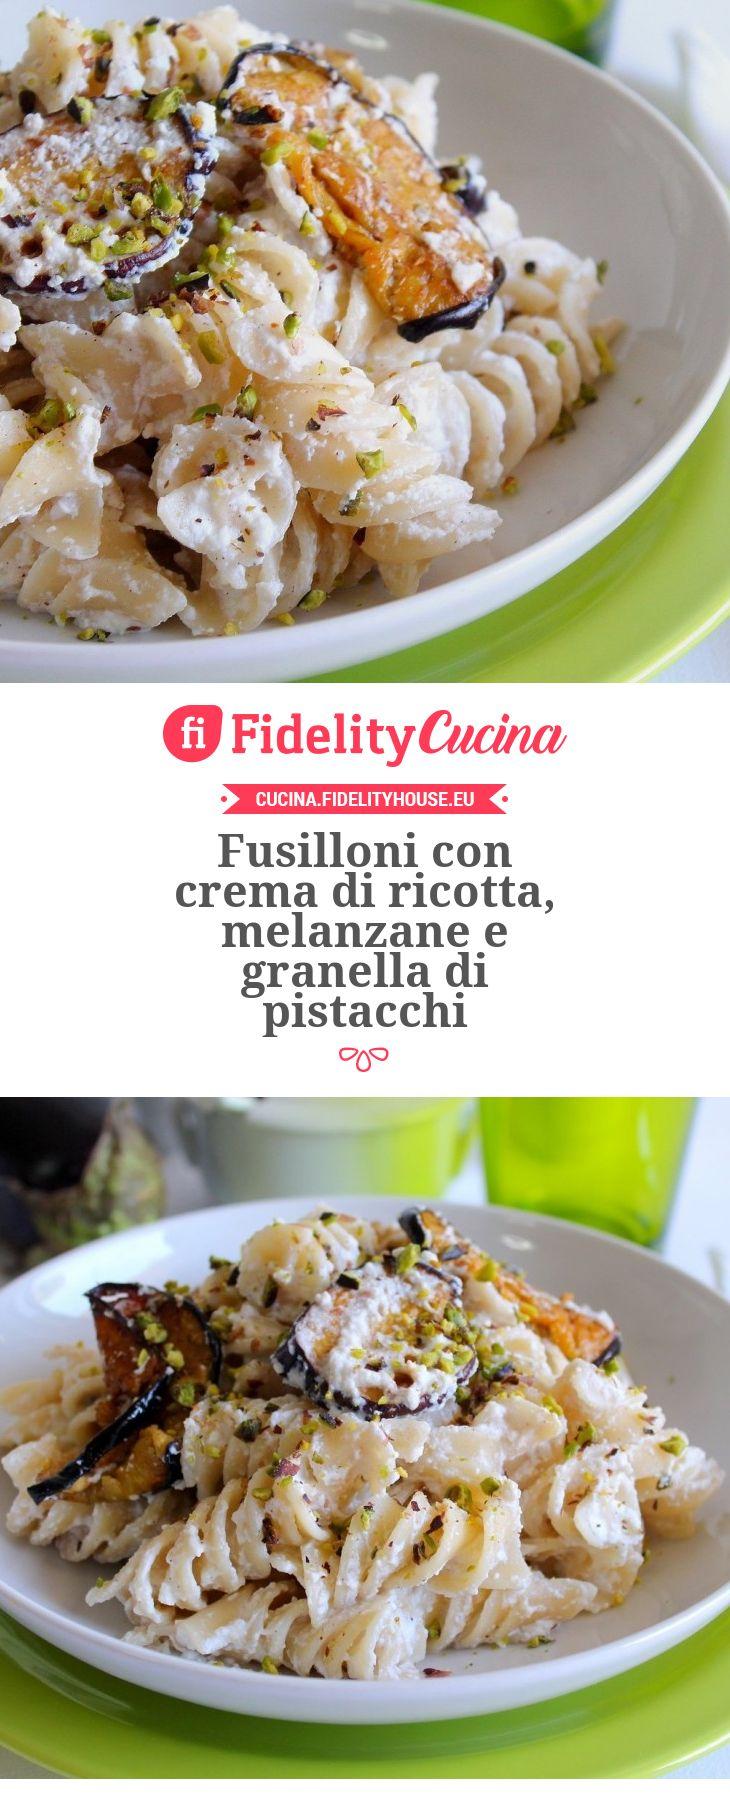 Fusilloni con crema di ricotta, melanzane e granella di pistacchi